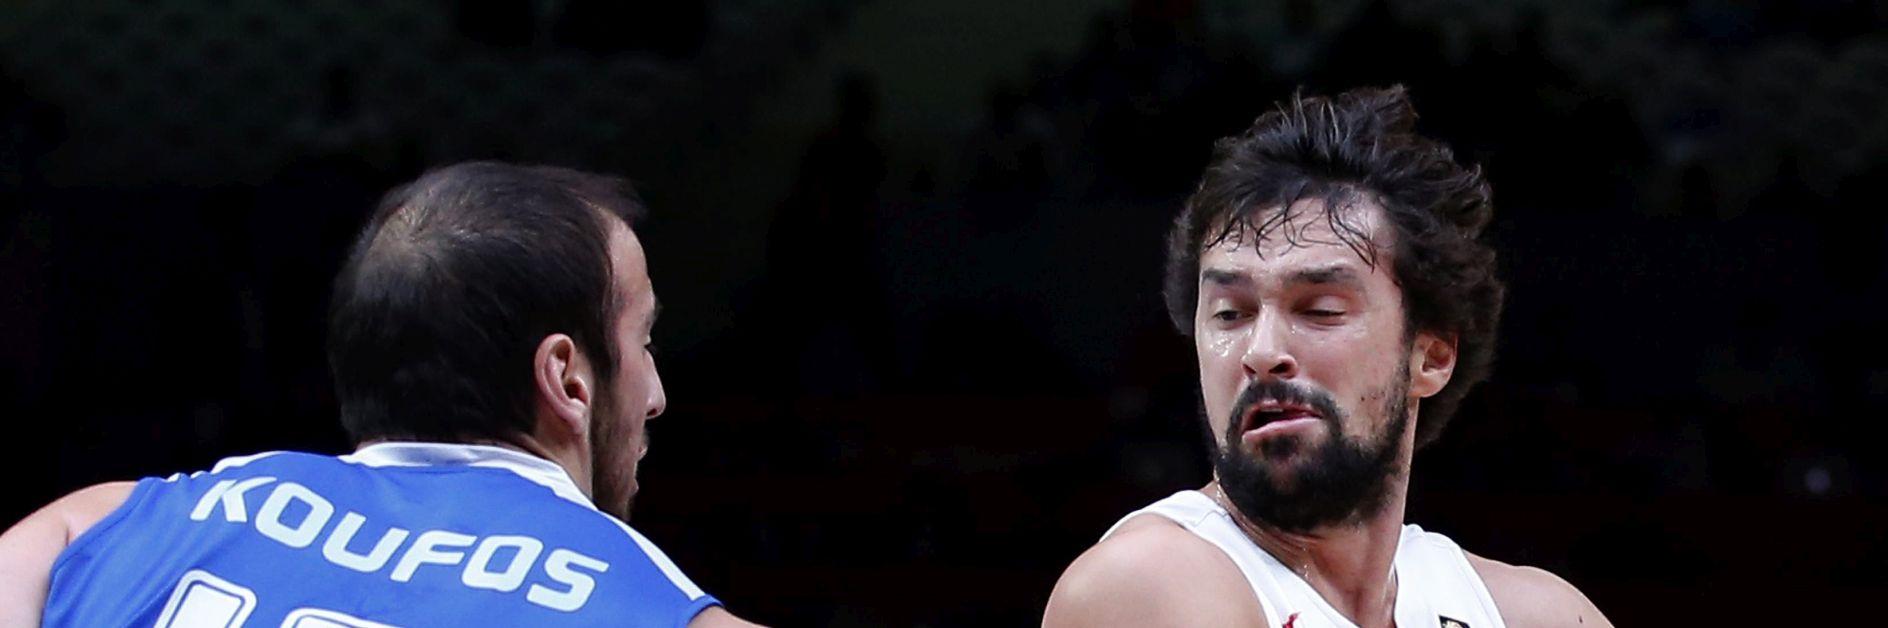 GASOL STAVIO GRCIMA 27 POENA EuroBasket – Španjolska u polufinalu